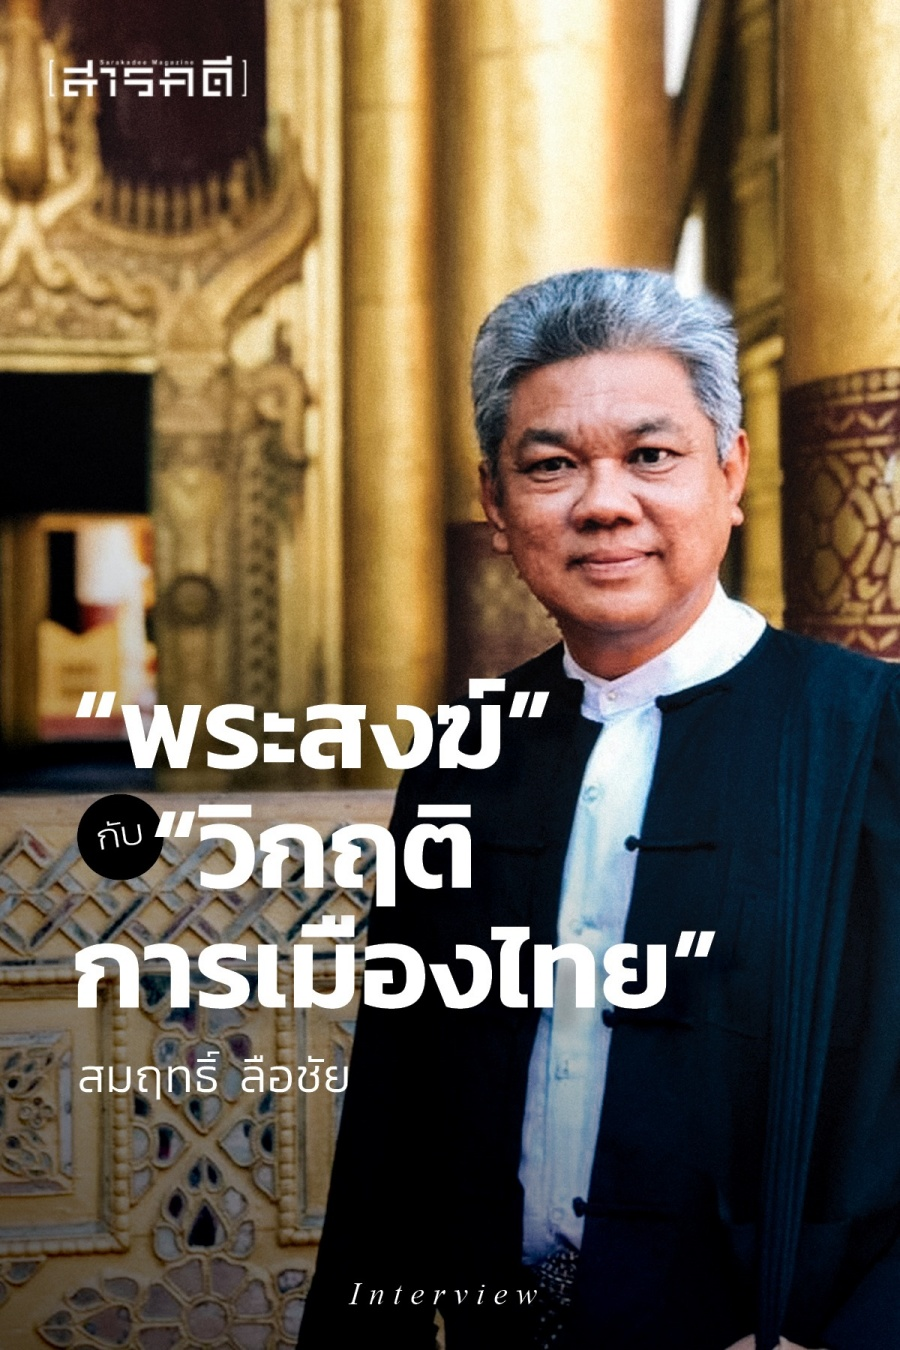 """พระสงฆ์ กับ """"วิกฤติการเมืองไทย"""" - สมฤทธิ์ ลือชัย"""